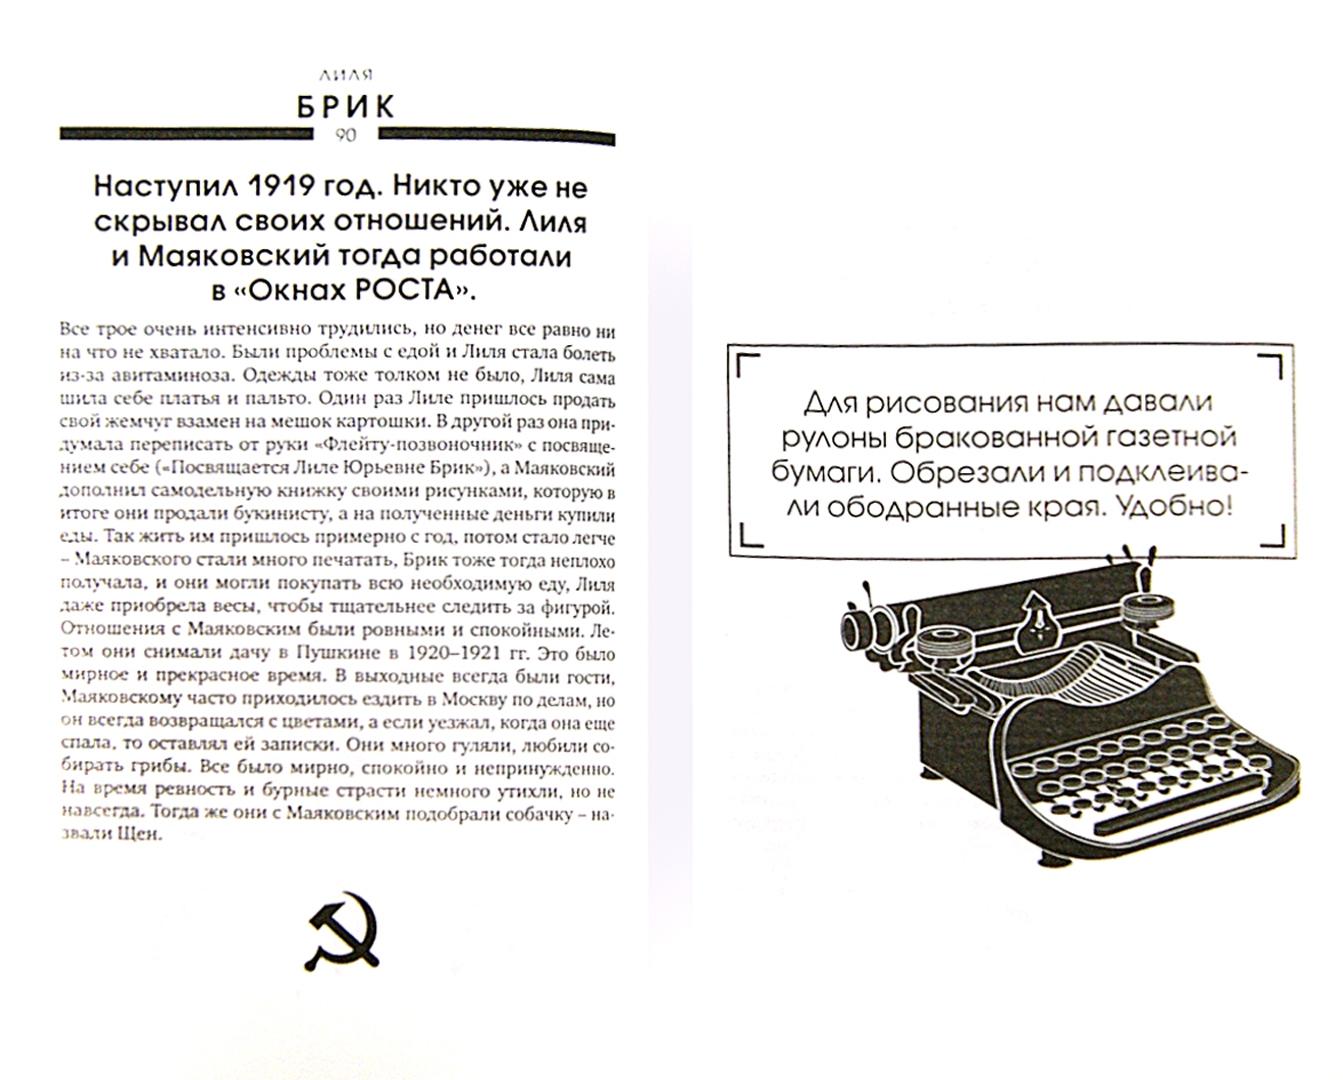 Иллюстрация 1 из 4 для Я - Лиля Брик - Тимохина, Репман | Лабиринт - книги. Источник: Лабиринт